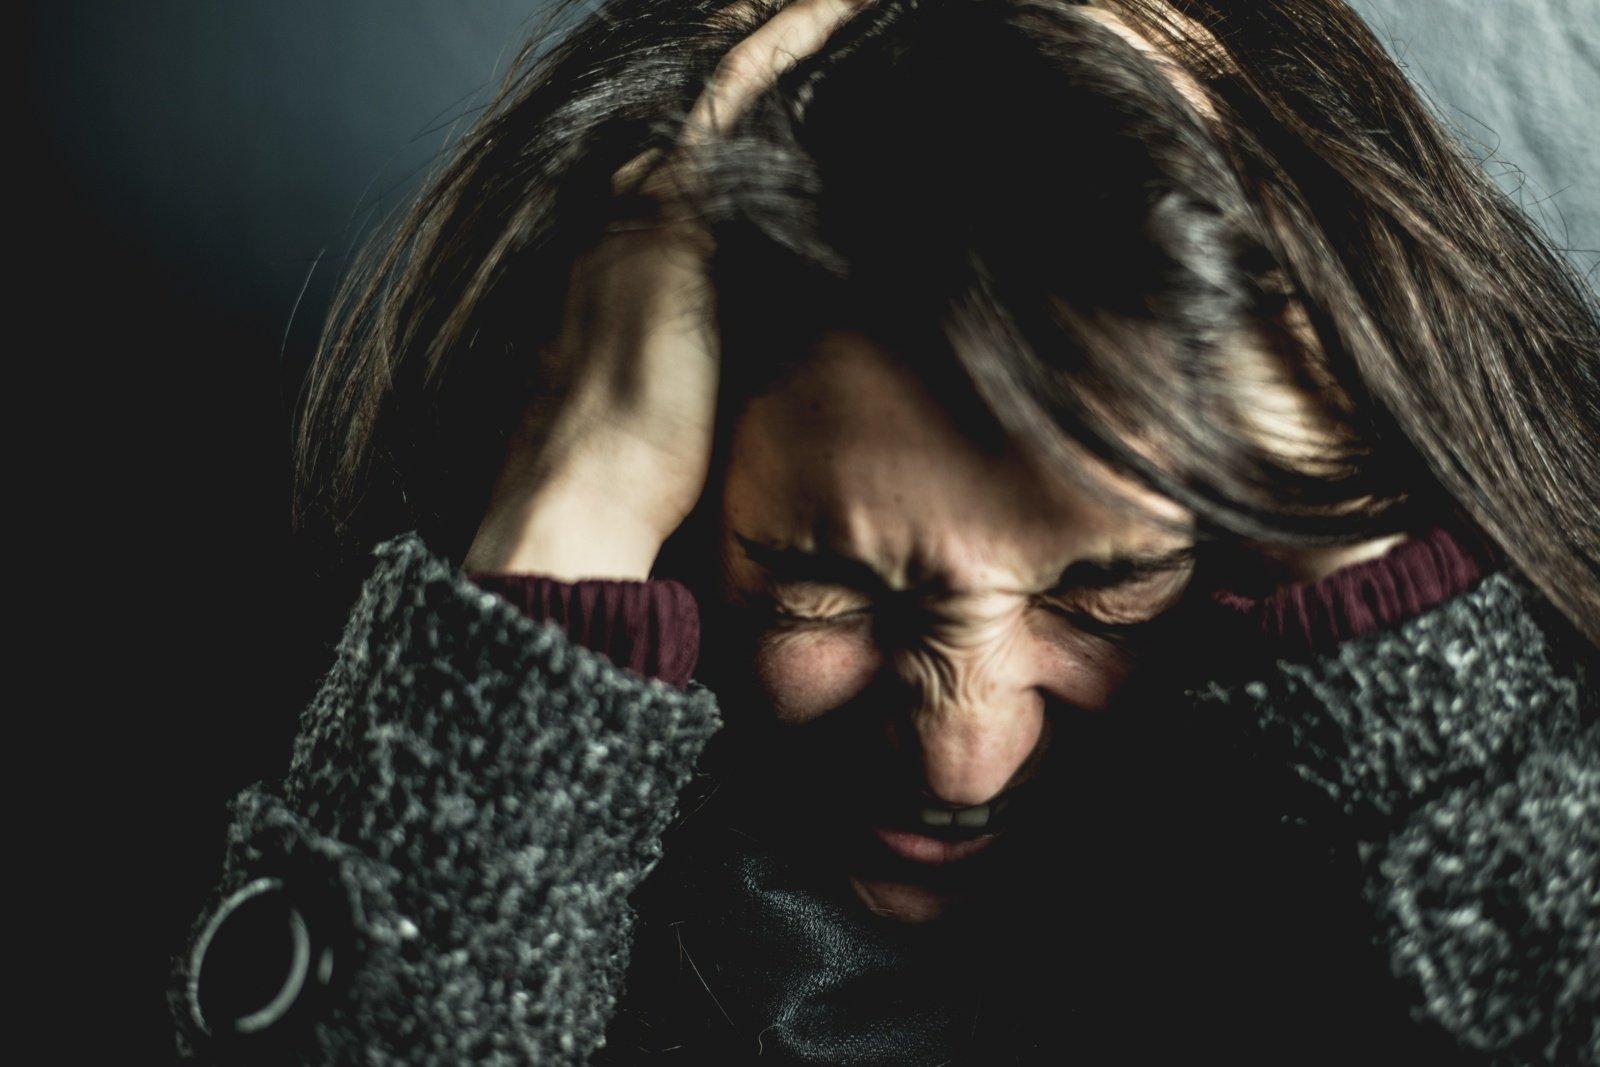 Incidentas Radviliškyje: į namus įsiveržusi moteris smurtavo, apkaltino vagyste ir pavogė piniginę